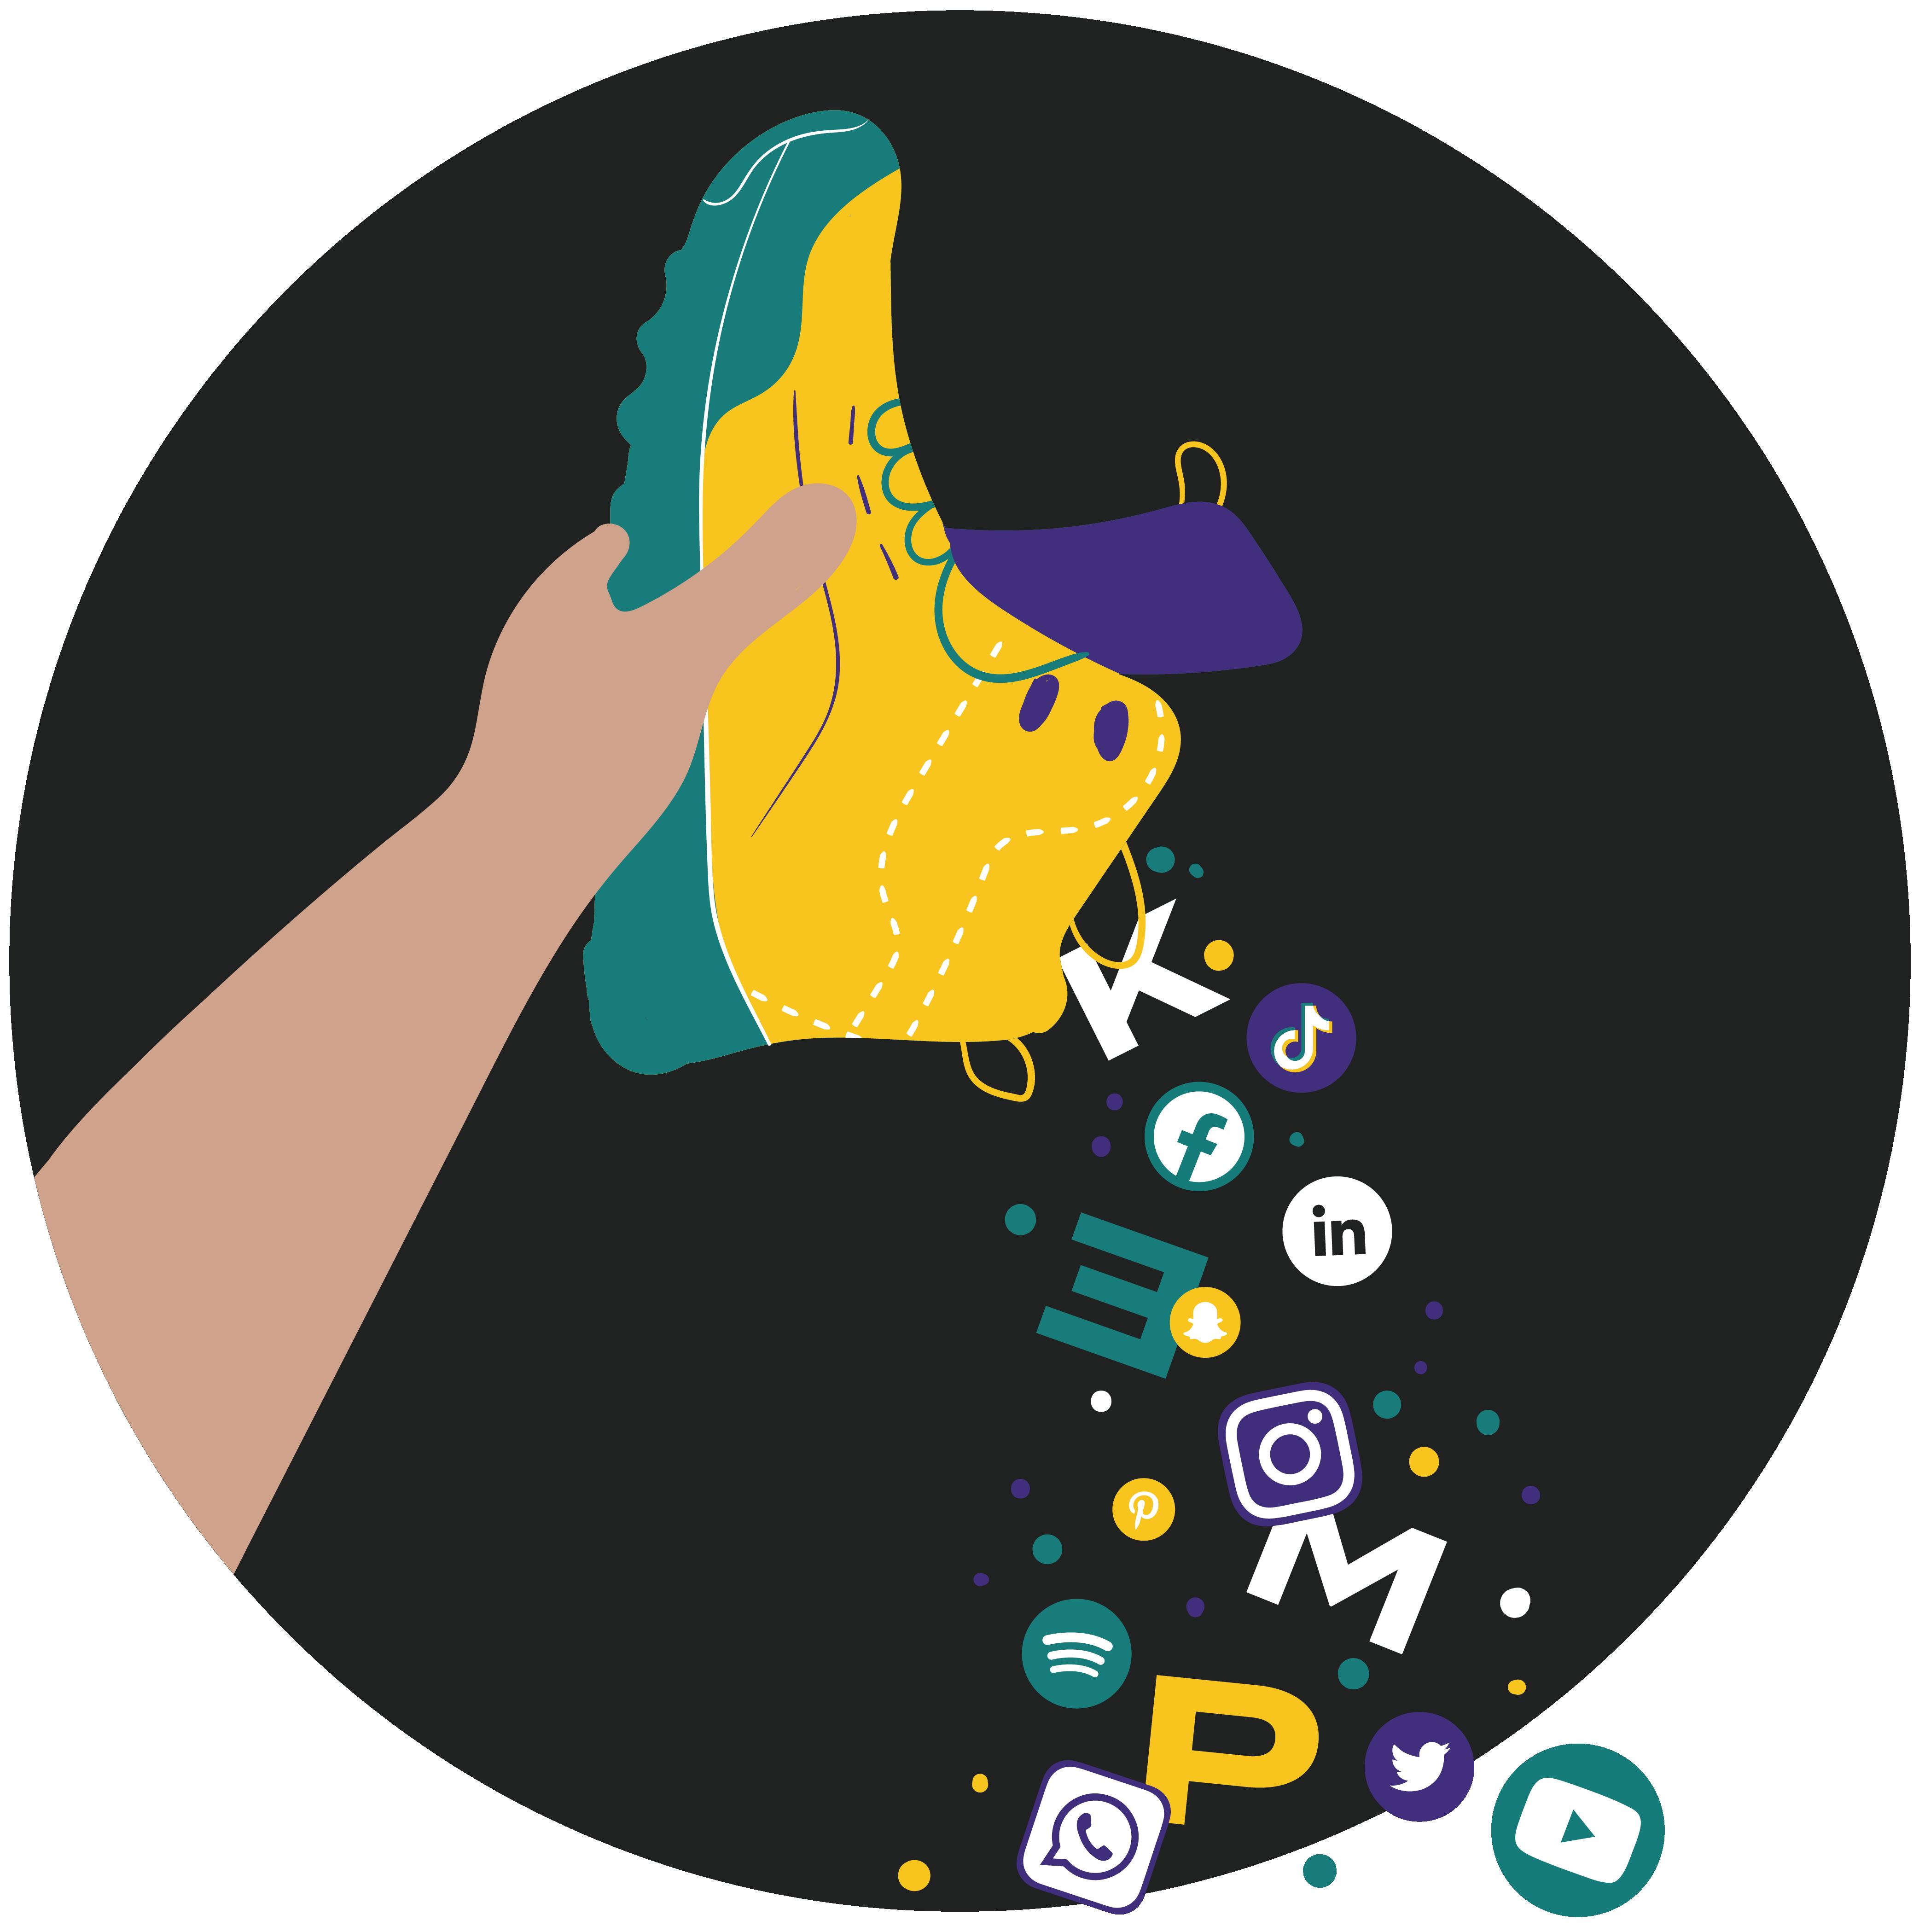 Ilustrácia tenisky, z ktorej sa sypú logá rôznych sociálnych médií a písmenká KEMP.